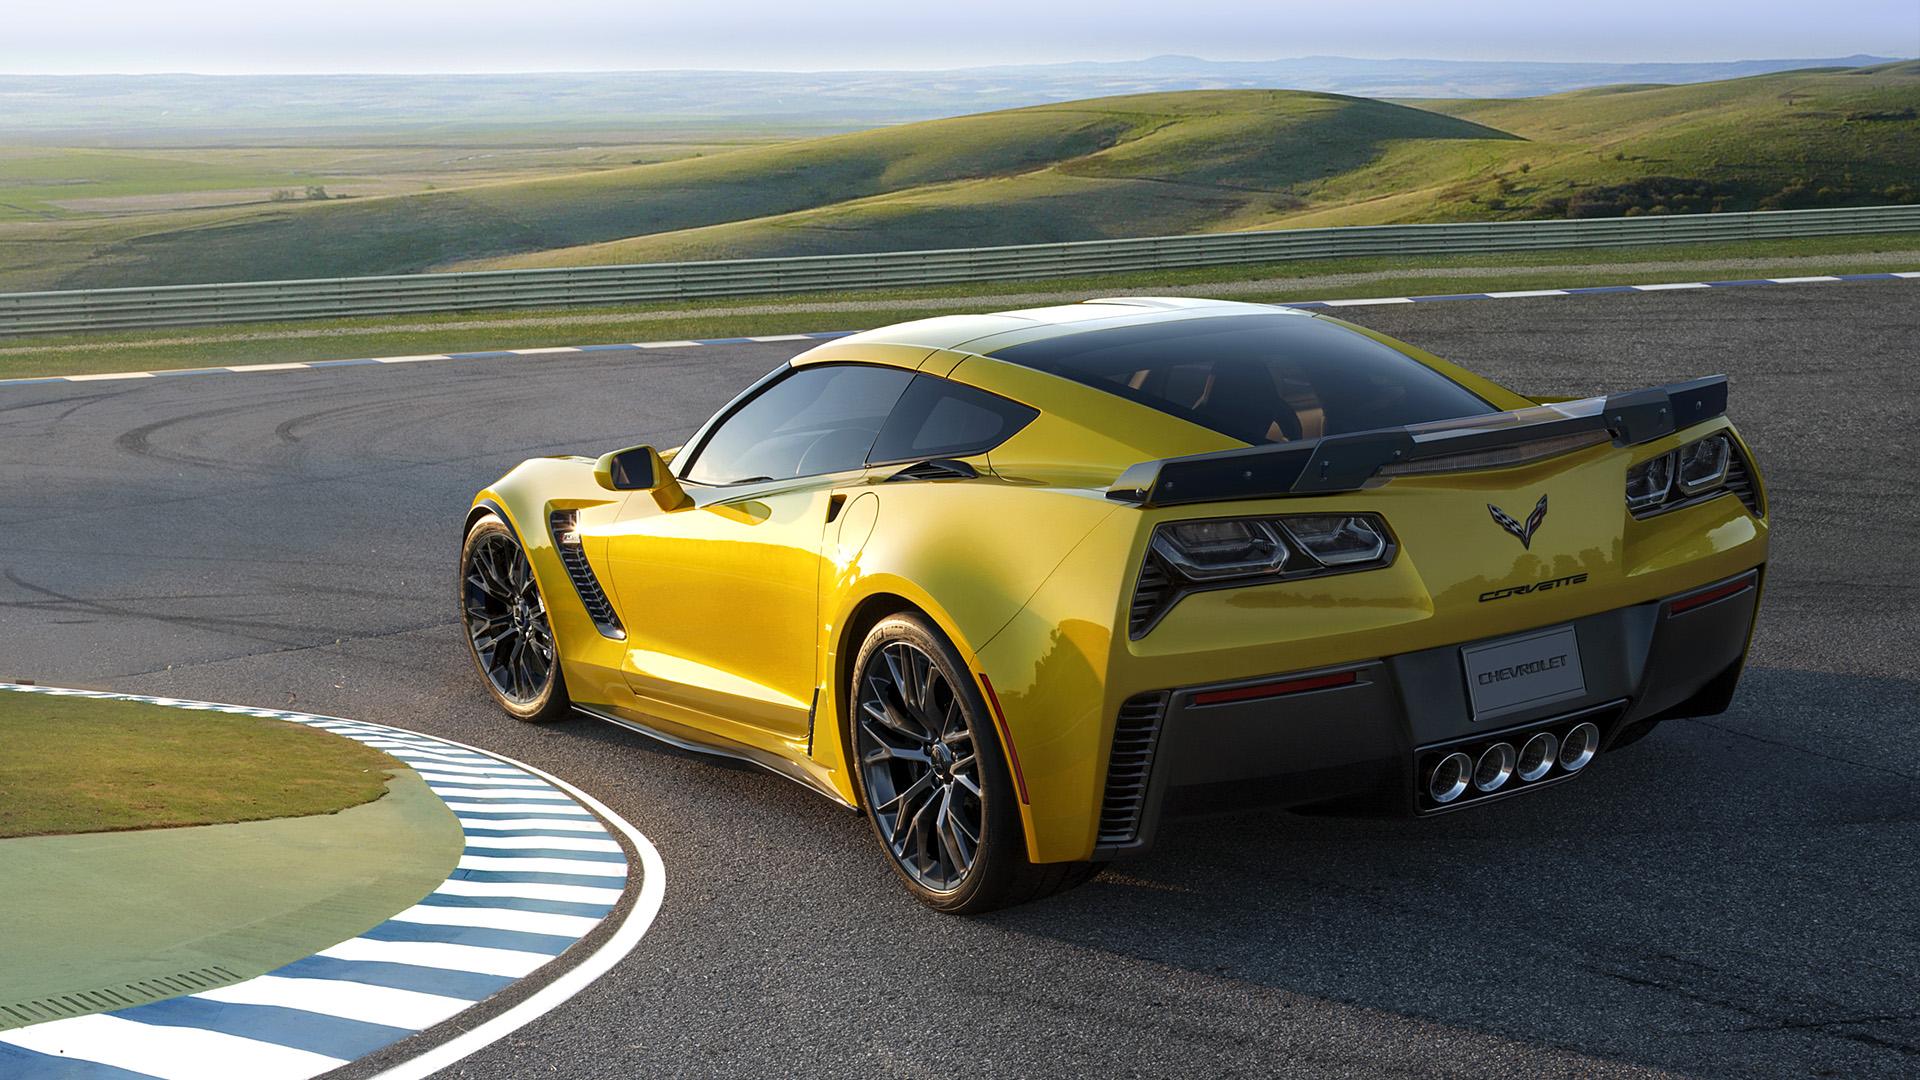 2015 Chevrolet Corvette Z06 Car Hd Wallpaper   HD 1920x1080